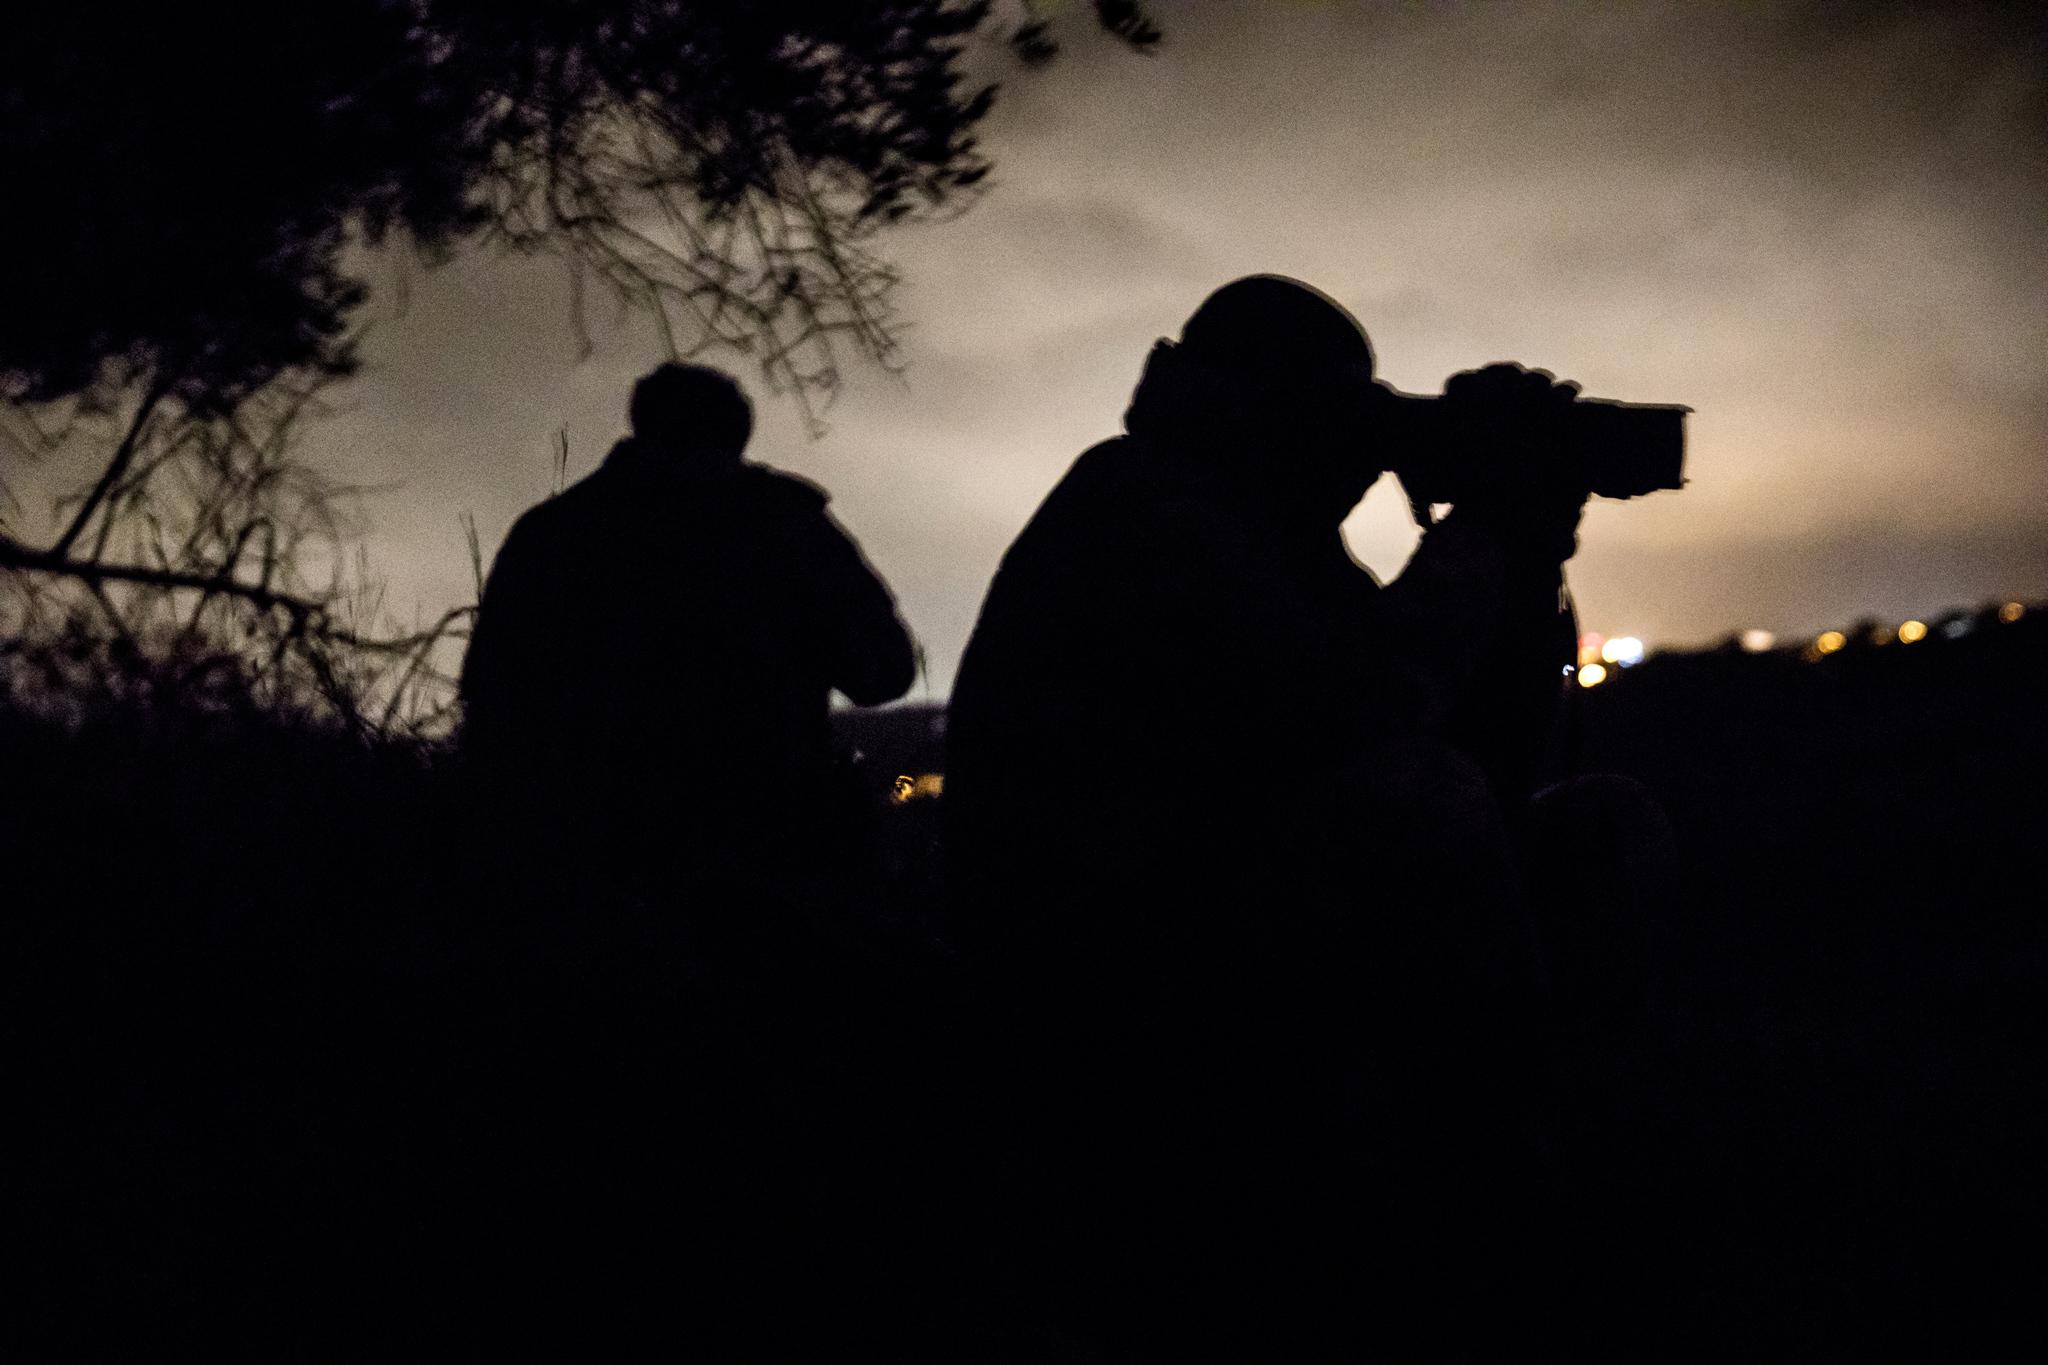 Miembros del Escuadrón de Cazadores de Calabria en una operación de observación noctura.